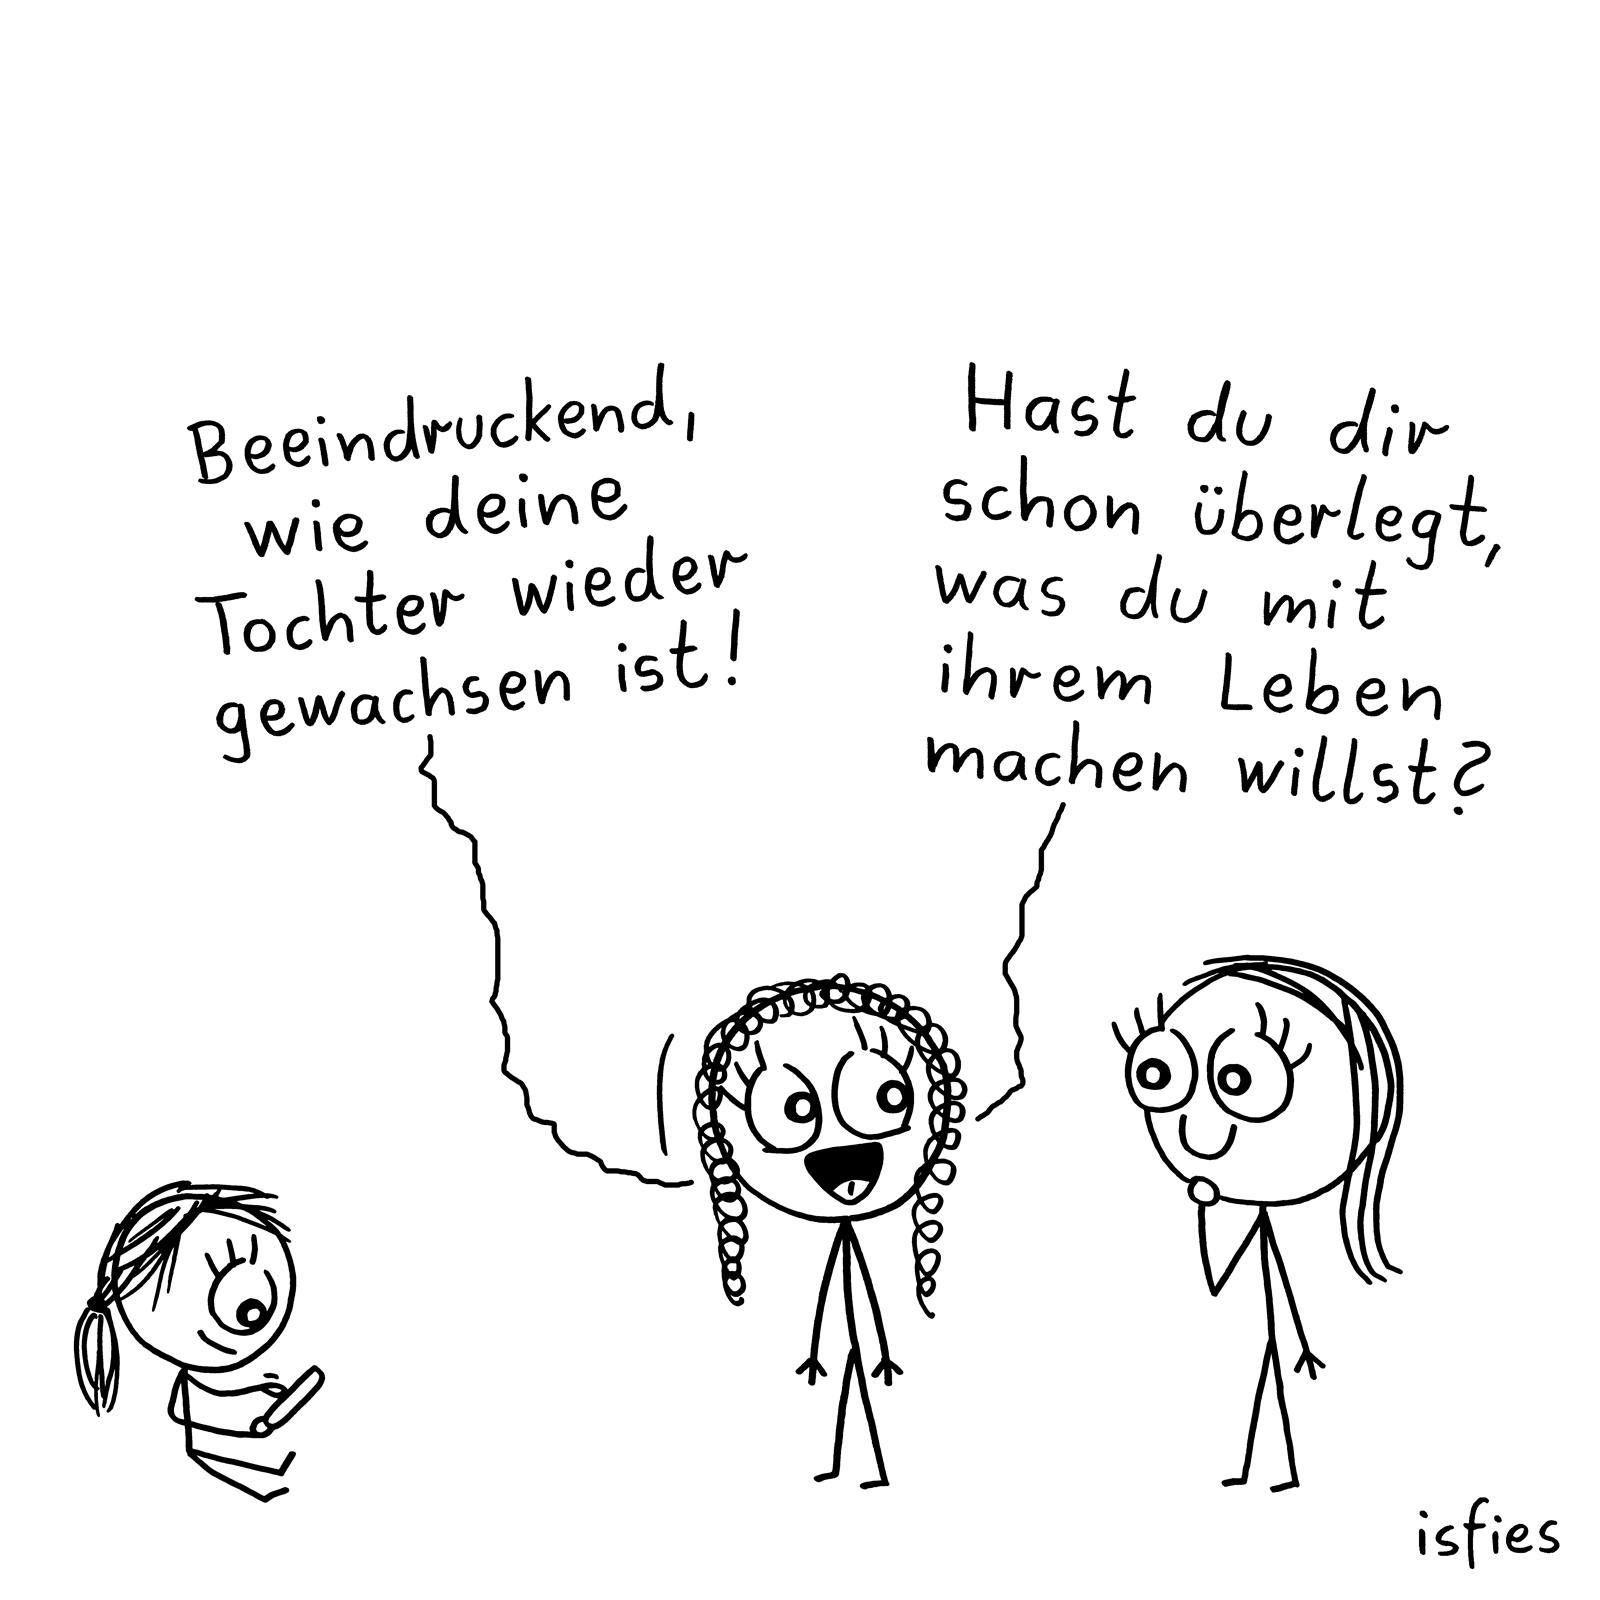 Mutter tochter comic